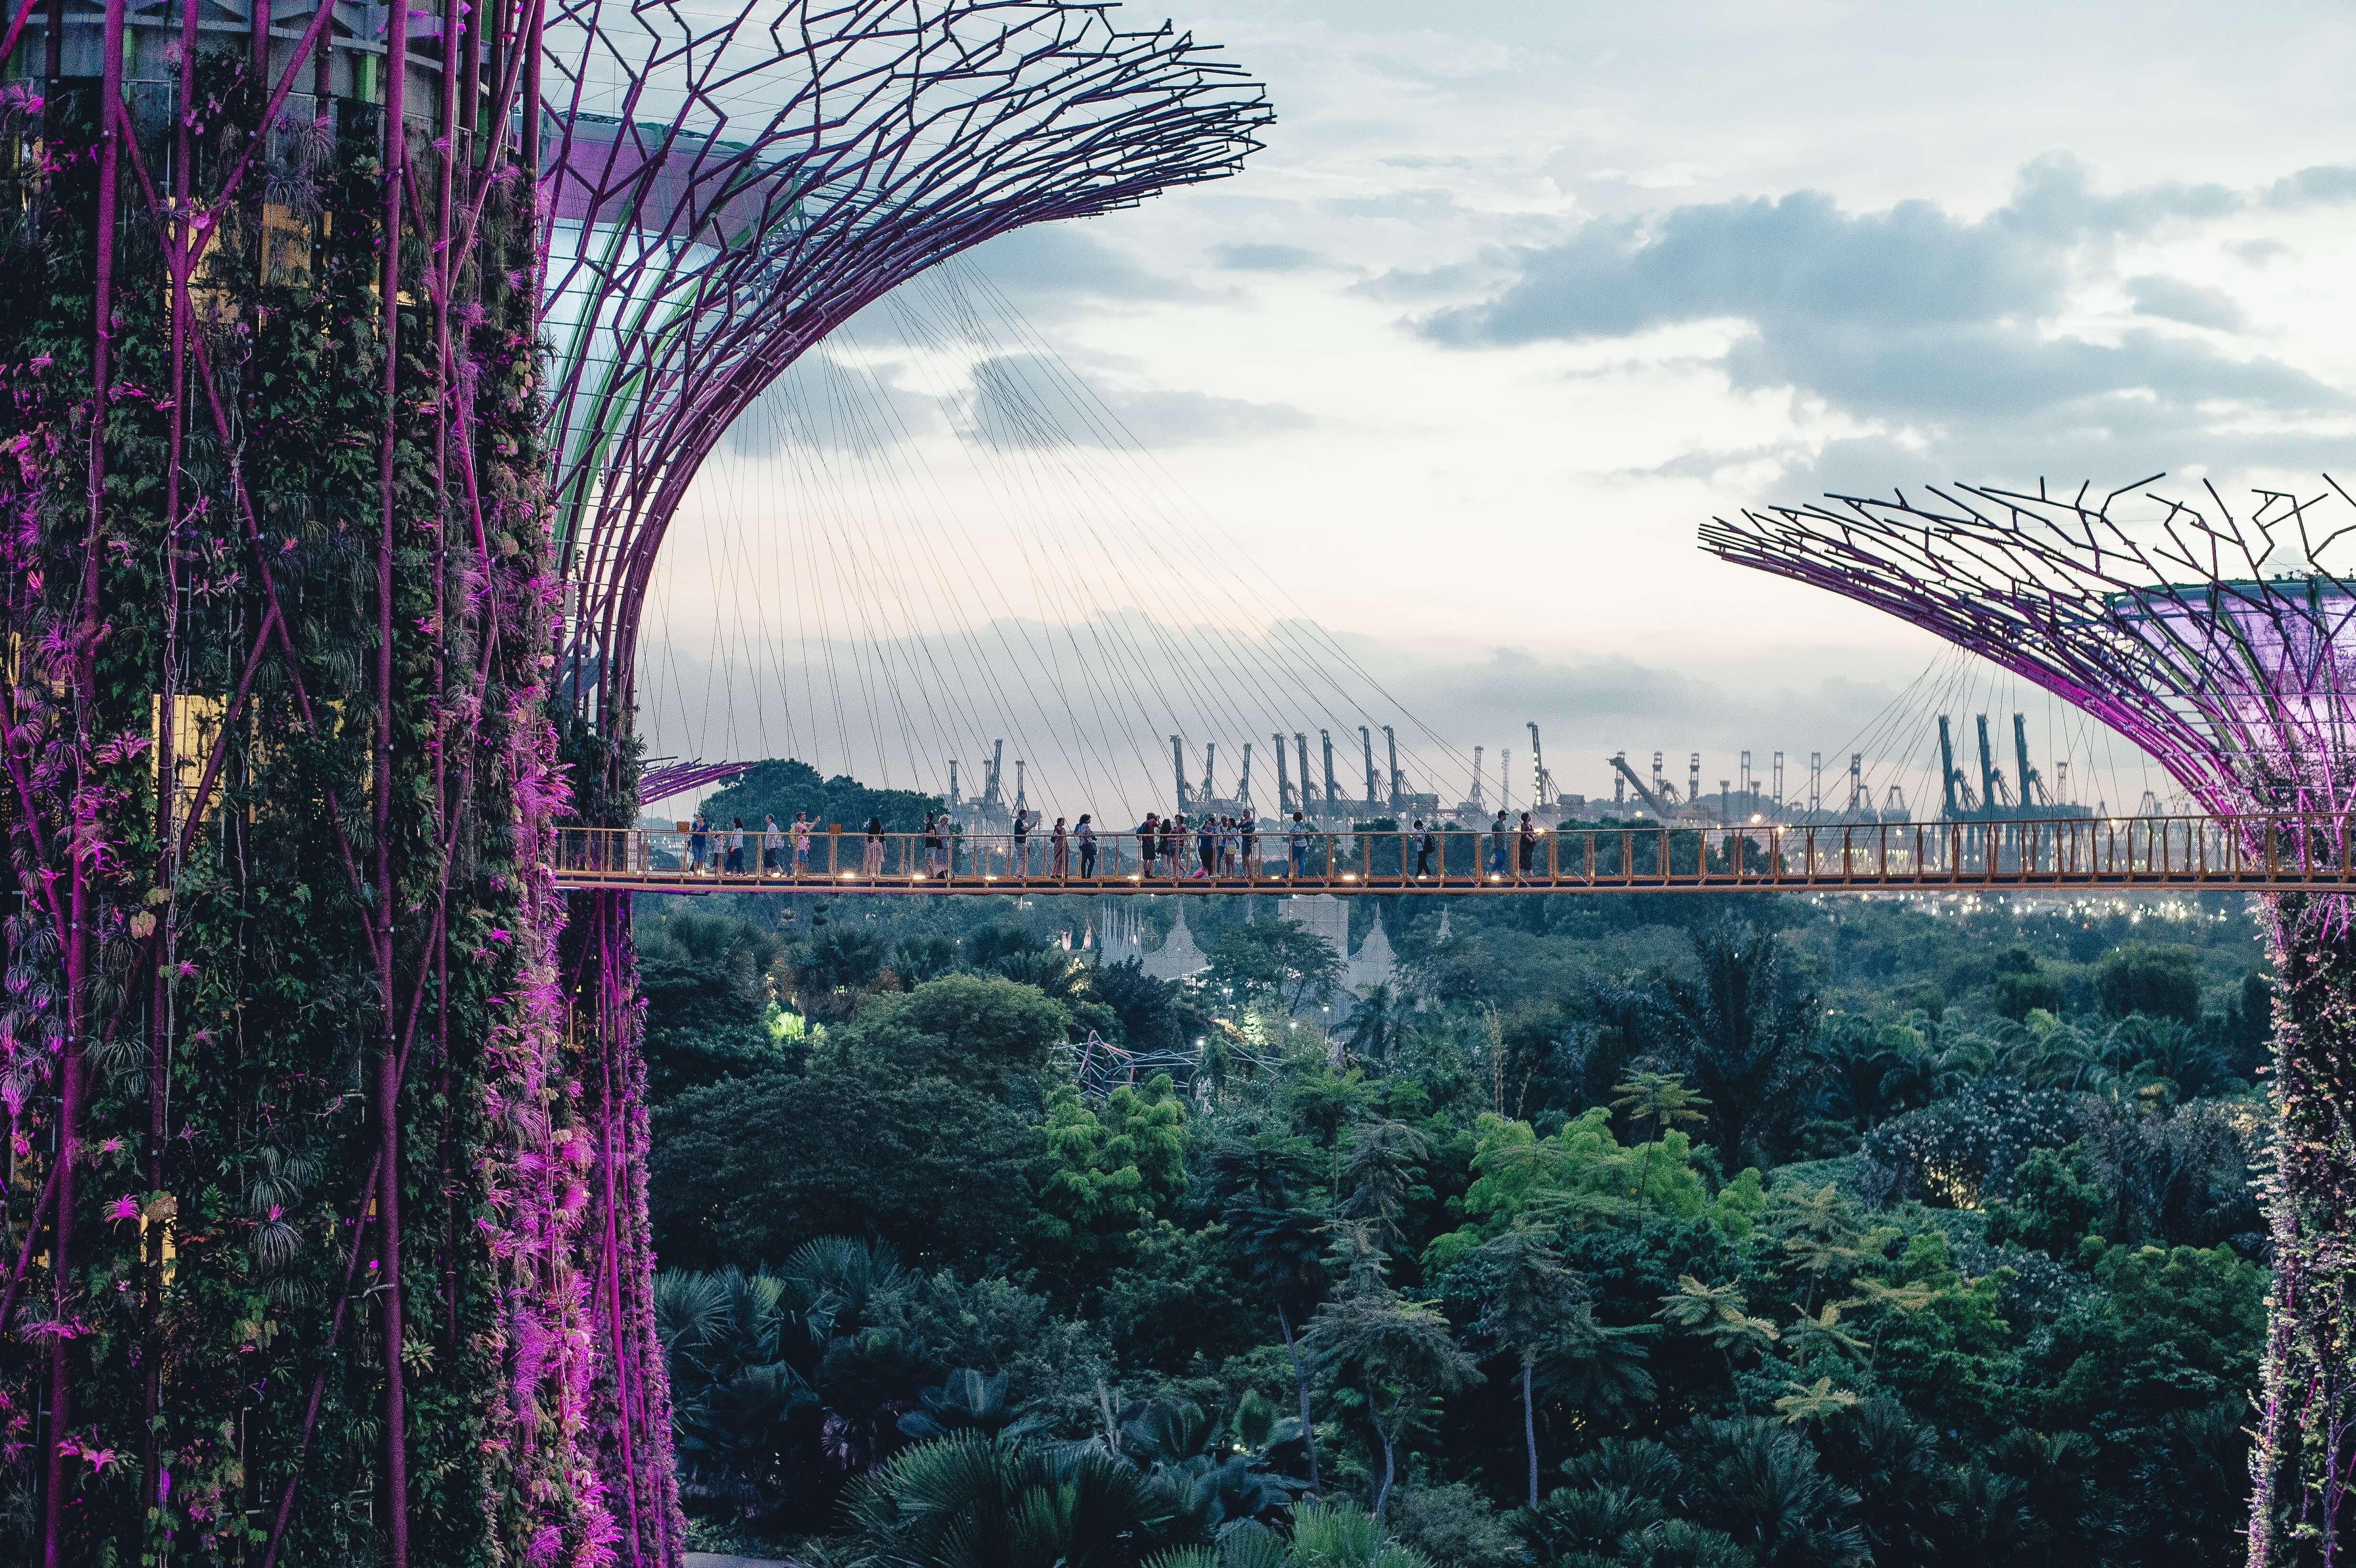 2050 werden voraussichtlich 70% der Menschen in urbanen Ballungszentren leben. Die Städte von morgen könnten sehr viel grüner sein. Foto: Annie Spratt